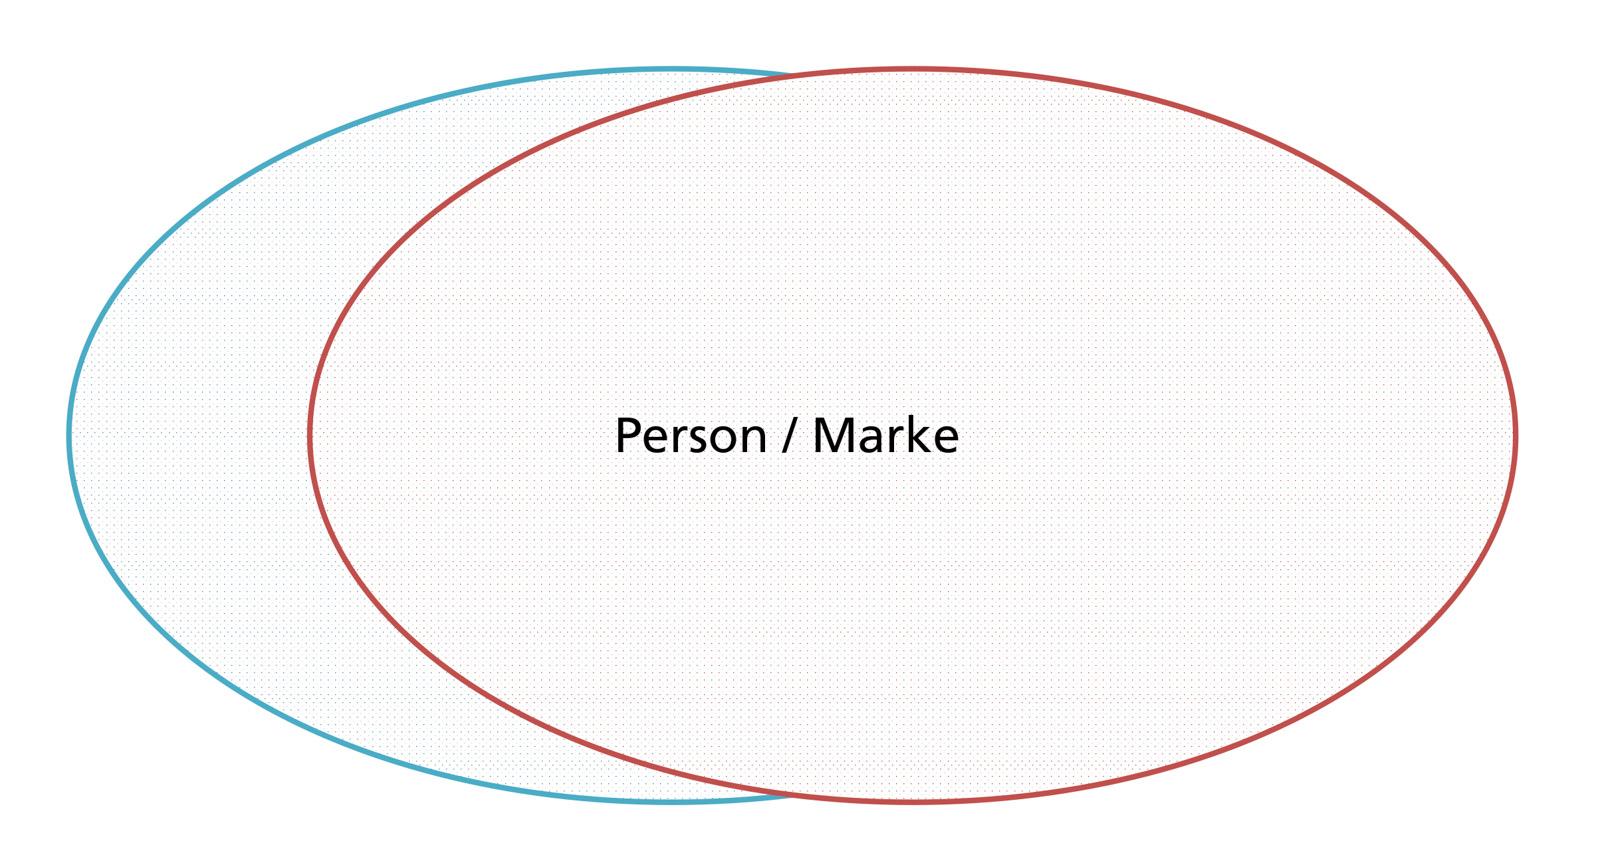 Person Marke Focus Spitzbart.jpg